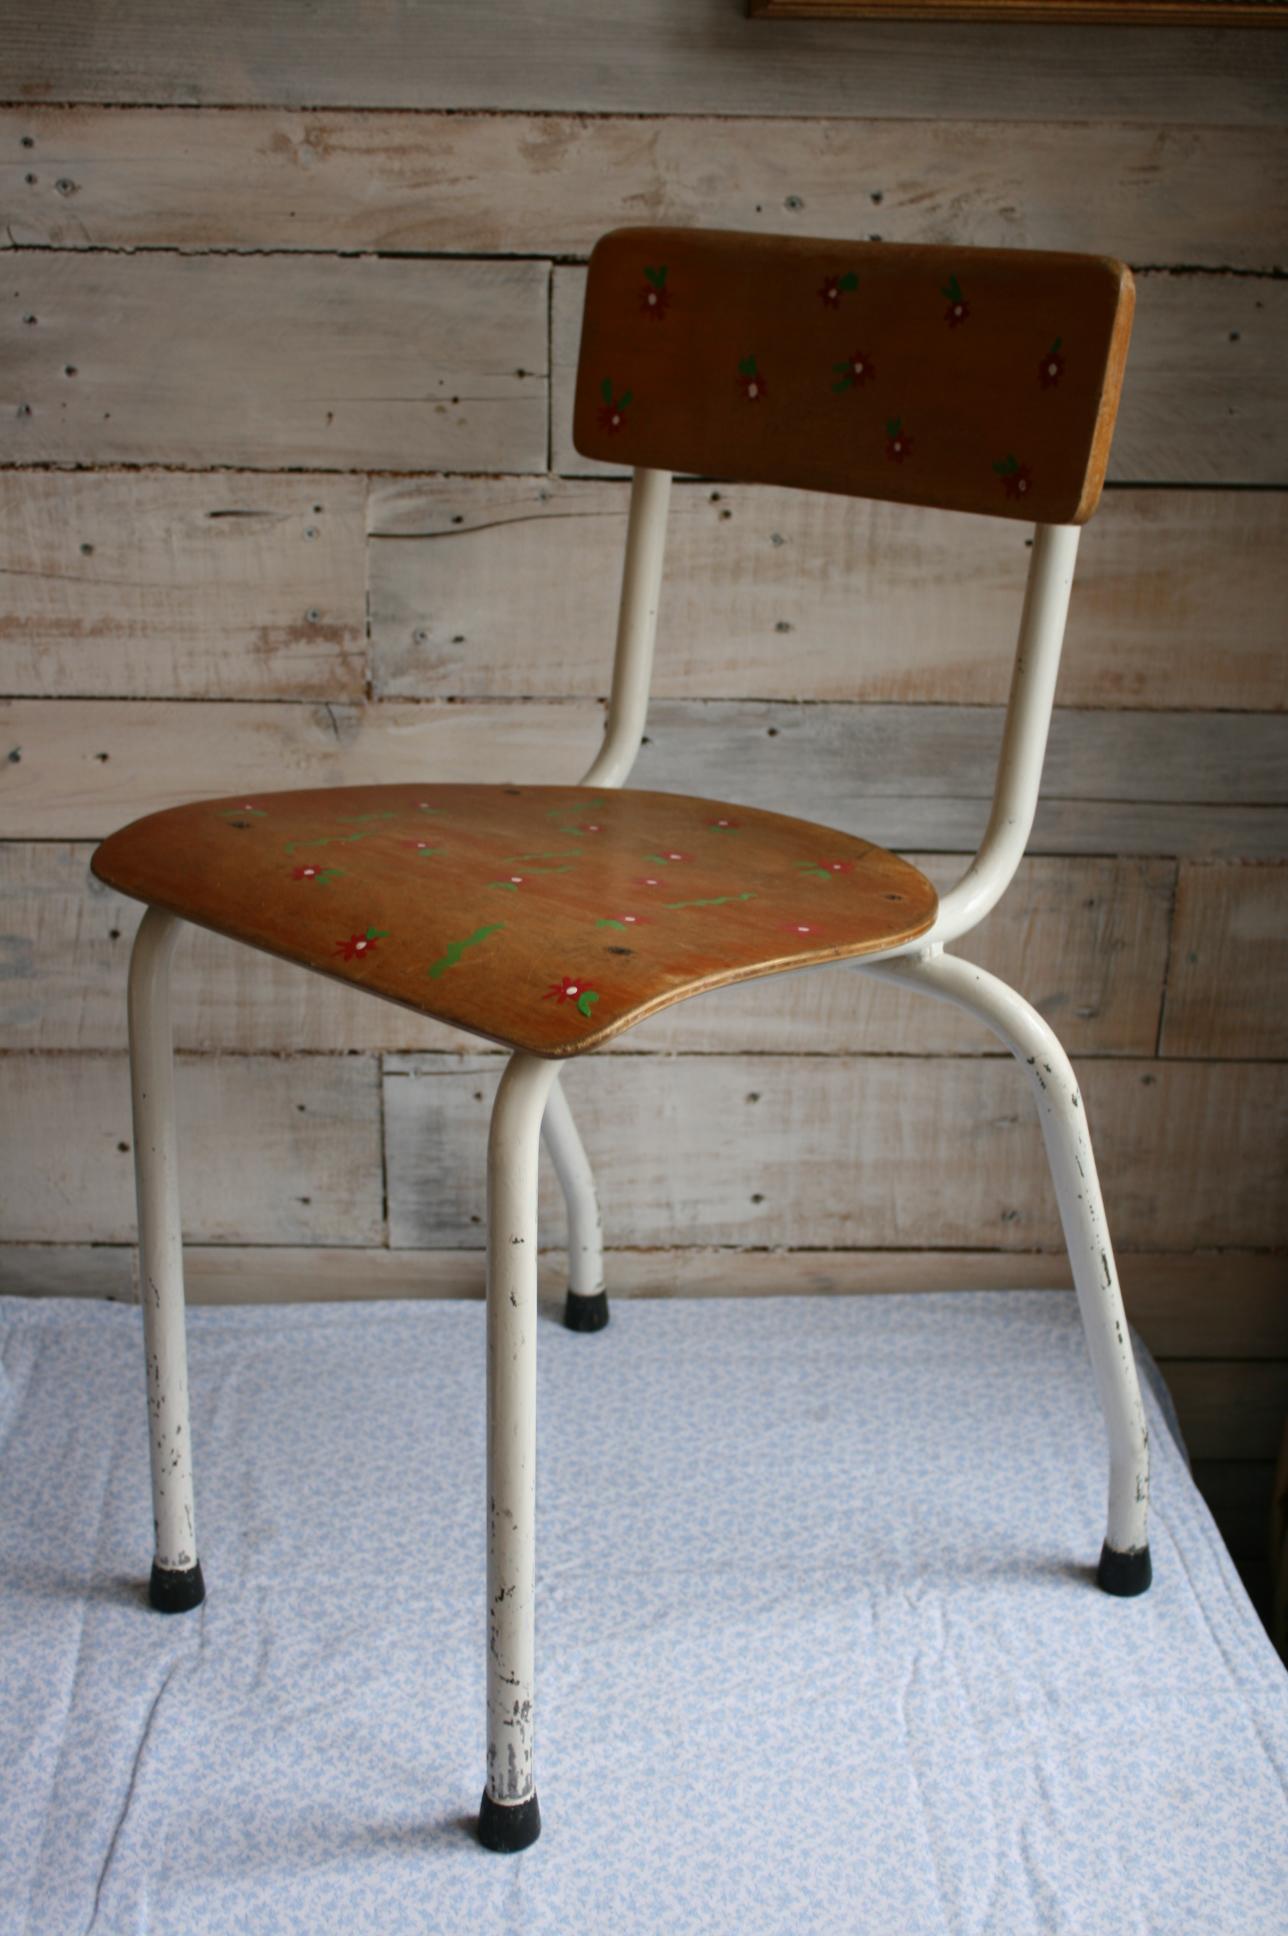 Spiksplinternieuw Verkocht Kinderstoel, Riemersma retro hout met metaal - Childrens GF-45